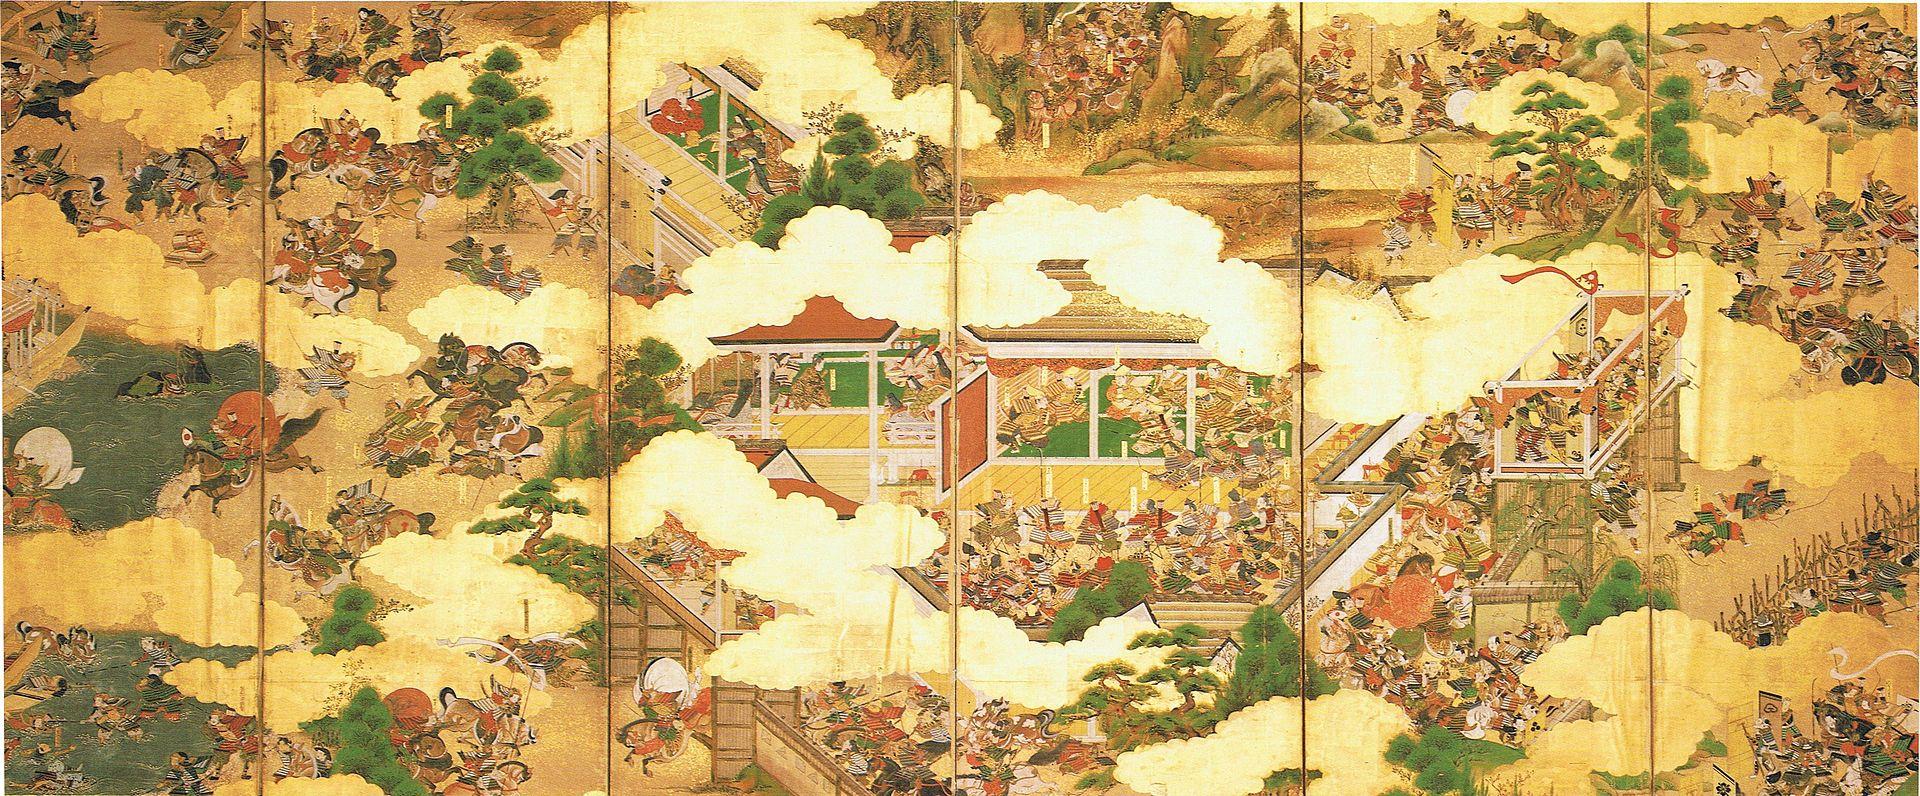 scène de la guerre Genpei_kassen